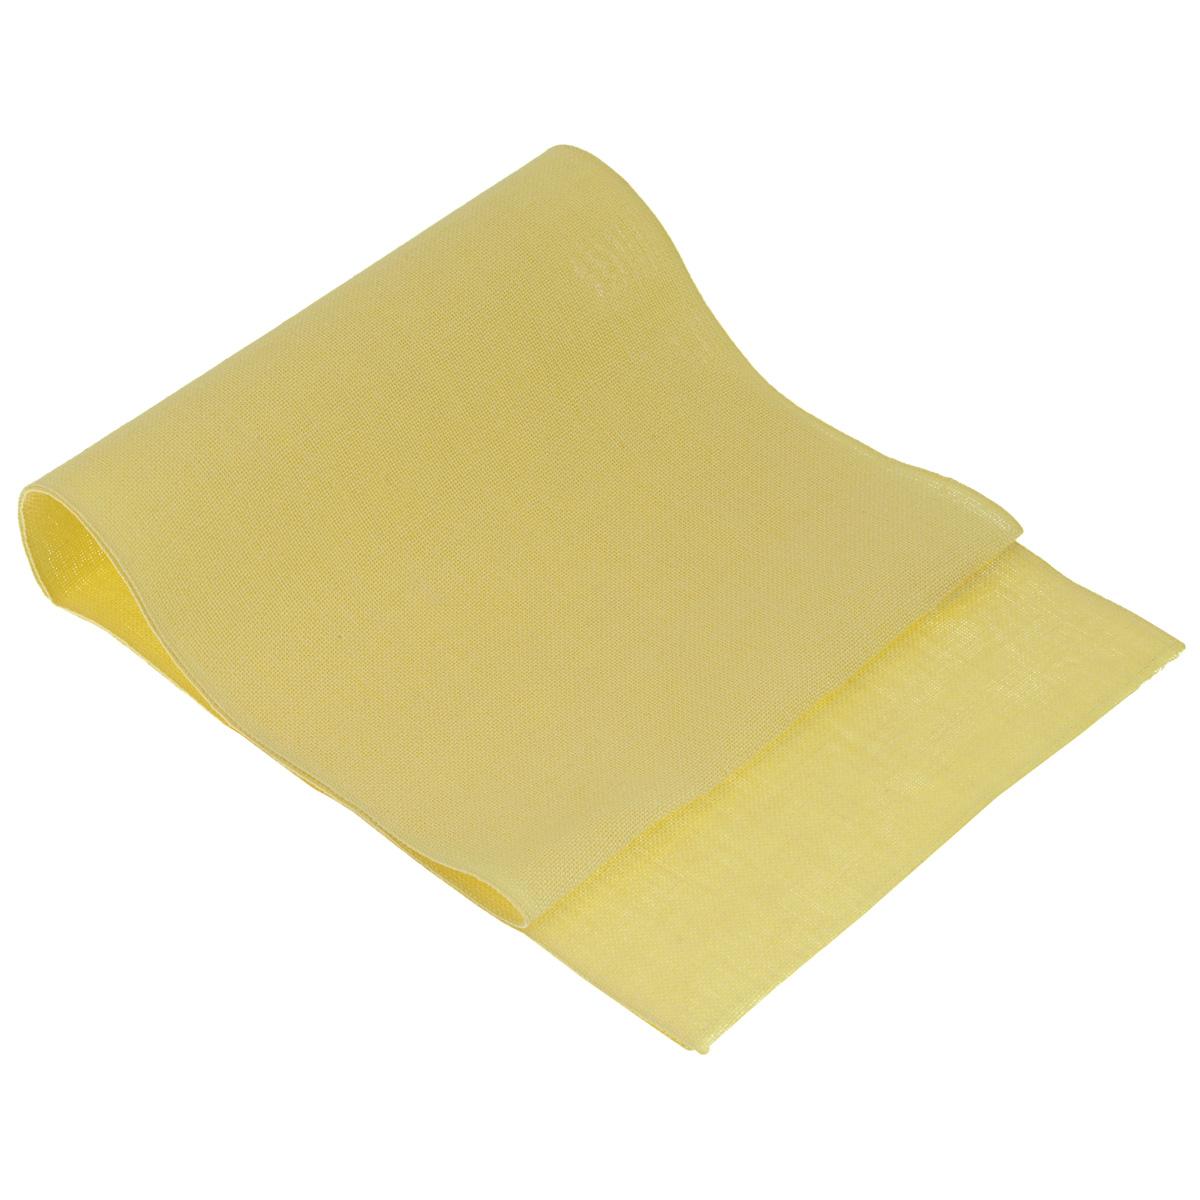 Основа для вышивания крестом или гладью Vaupel & Heilenbeck, цвет: желтый, 40 х 100 см210-400Основа для вышивания крестом или гладью Vaupel & Heilenbeck представляет собой однотонную 11-ти ниточную дорожку, выполненную из 100% льна. Воплотите свои идеи на этой дорожке! Дорожка, украшенная своими руками, дополнит интерьер любого помещения, а также сможет стать изысканным подарком для ваших друзей и близких.